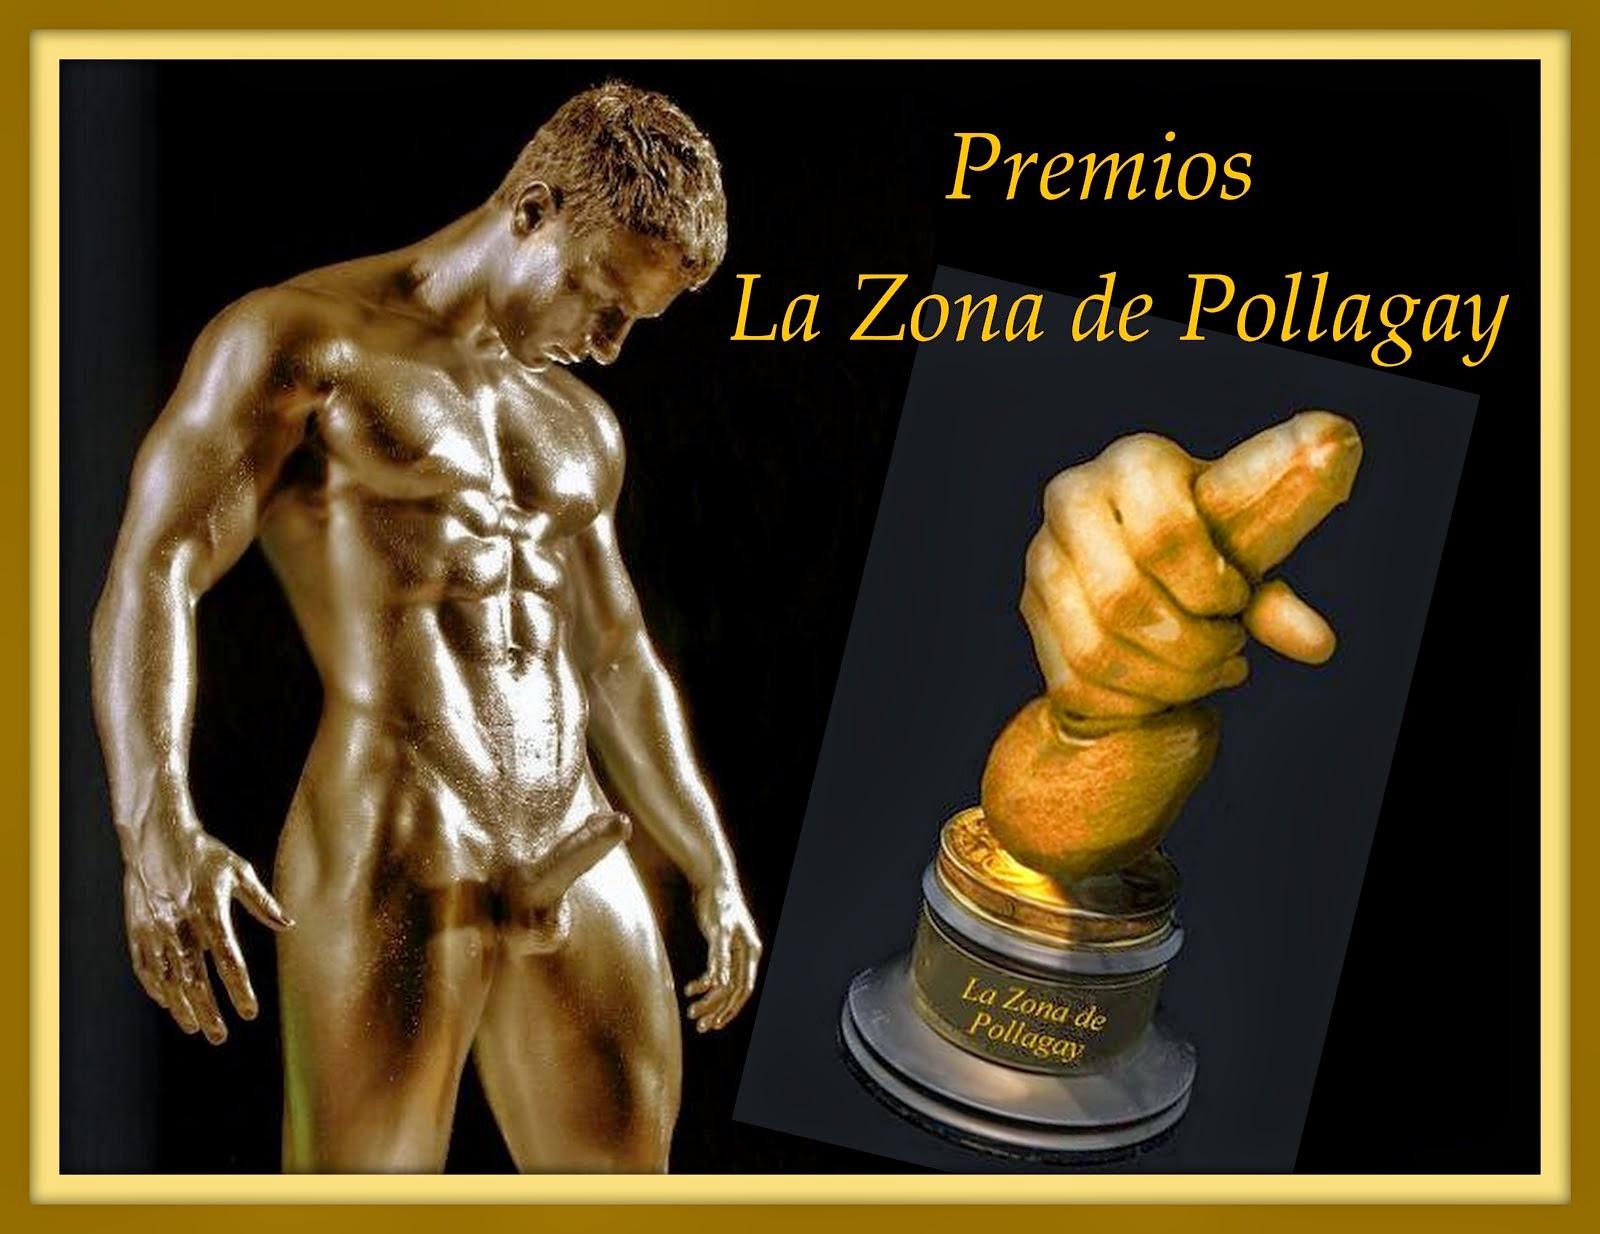 Premios La Zona de Pollagay